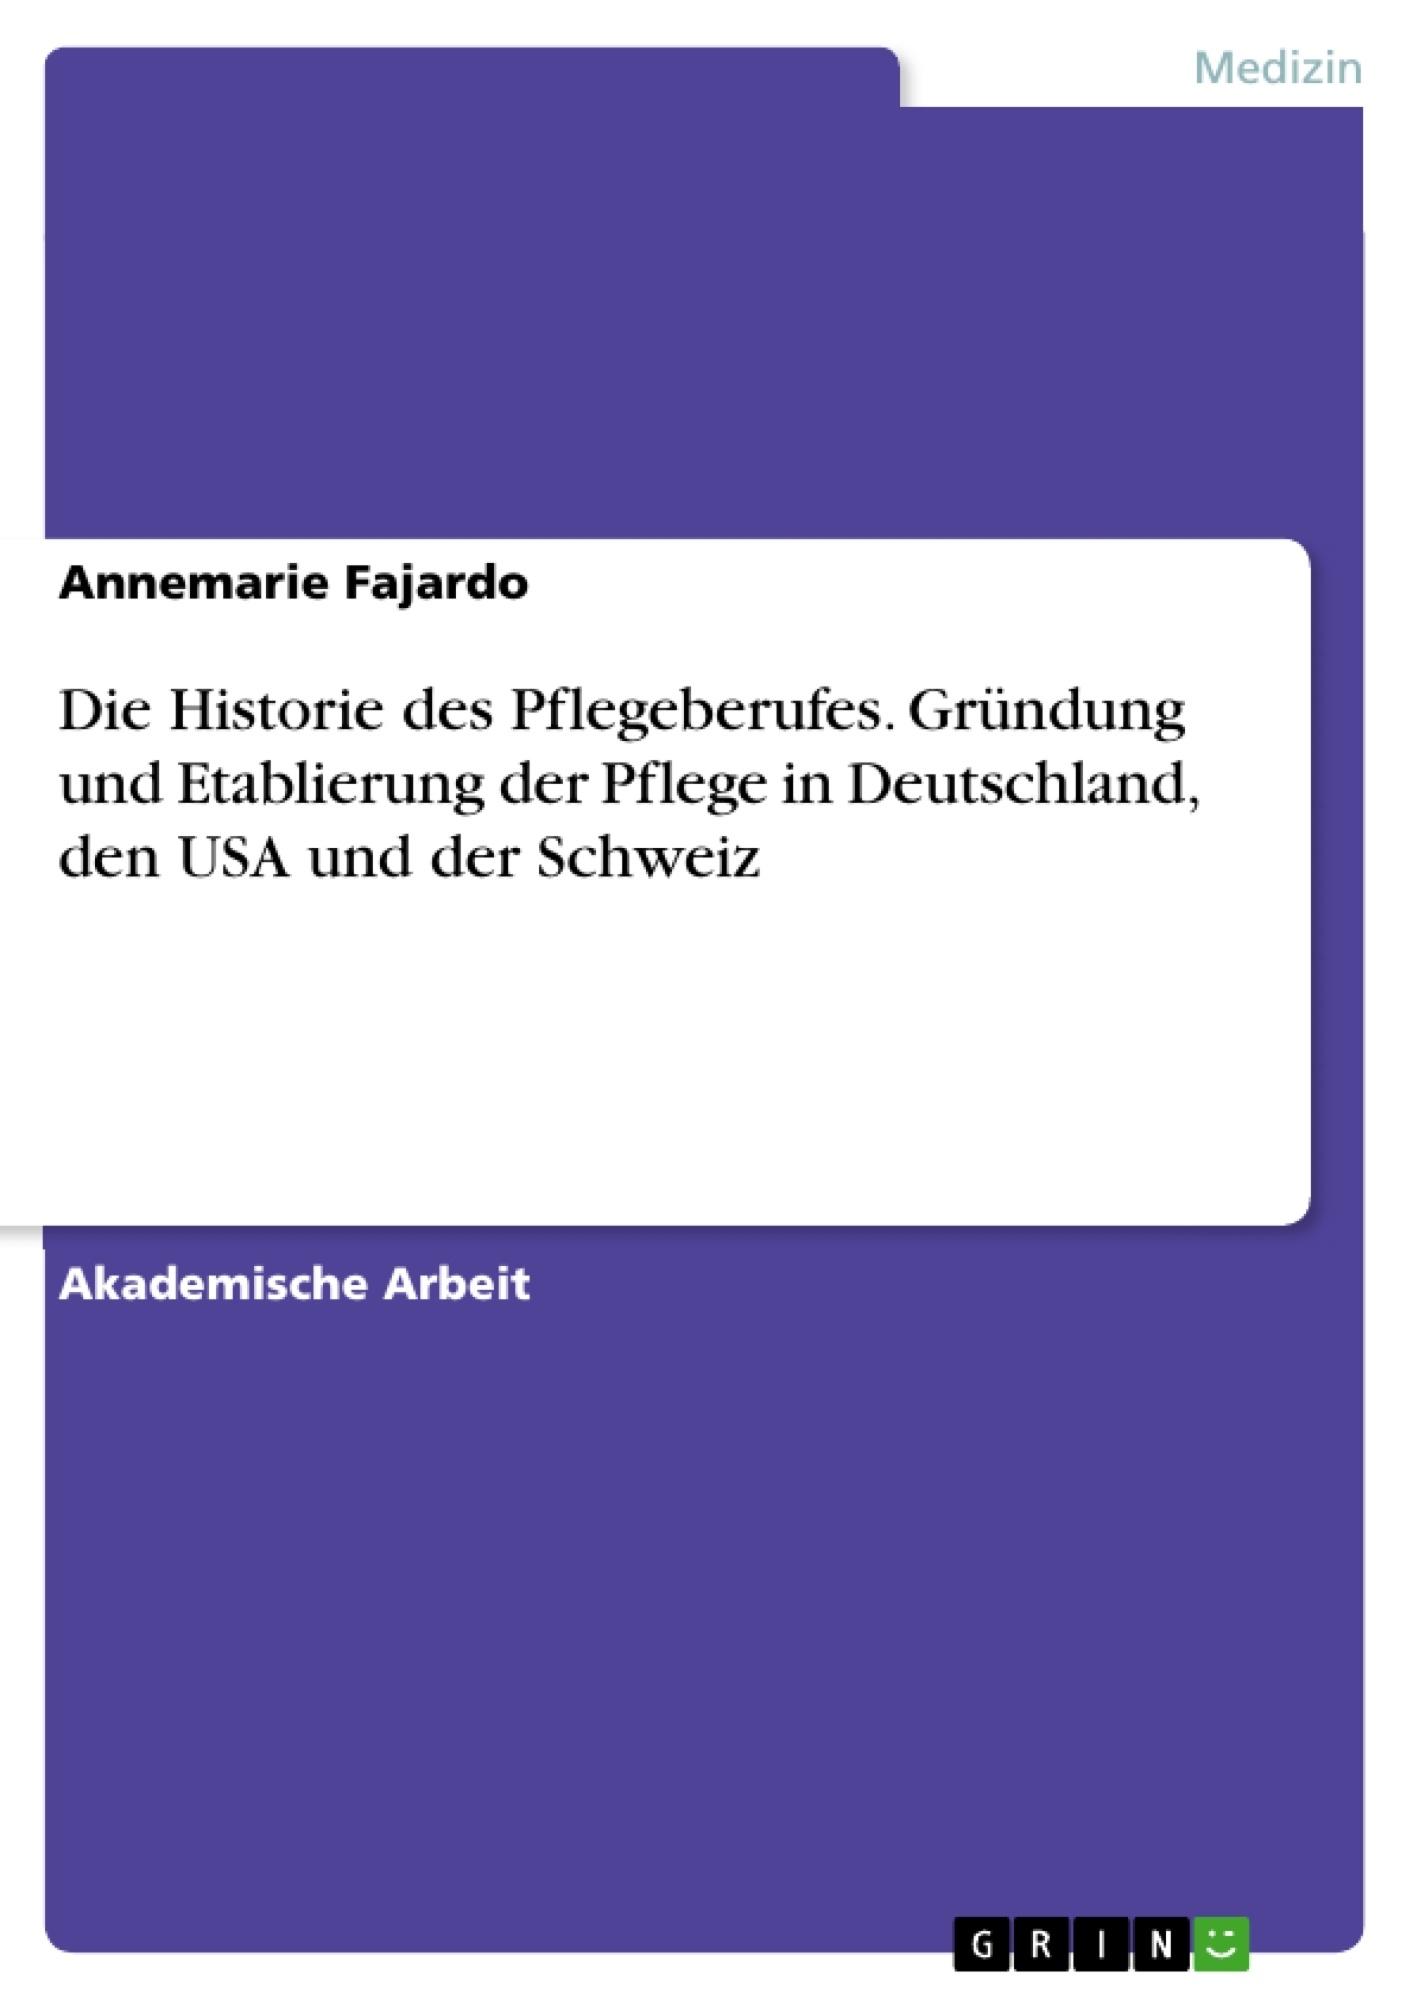 Titel: Die Historie des Pflegeberufes. Gründung und Etablierung der Pflege in Deutschland, den USA und der Schweiz